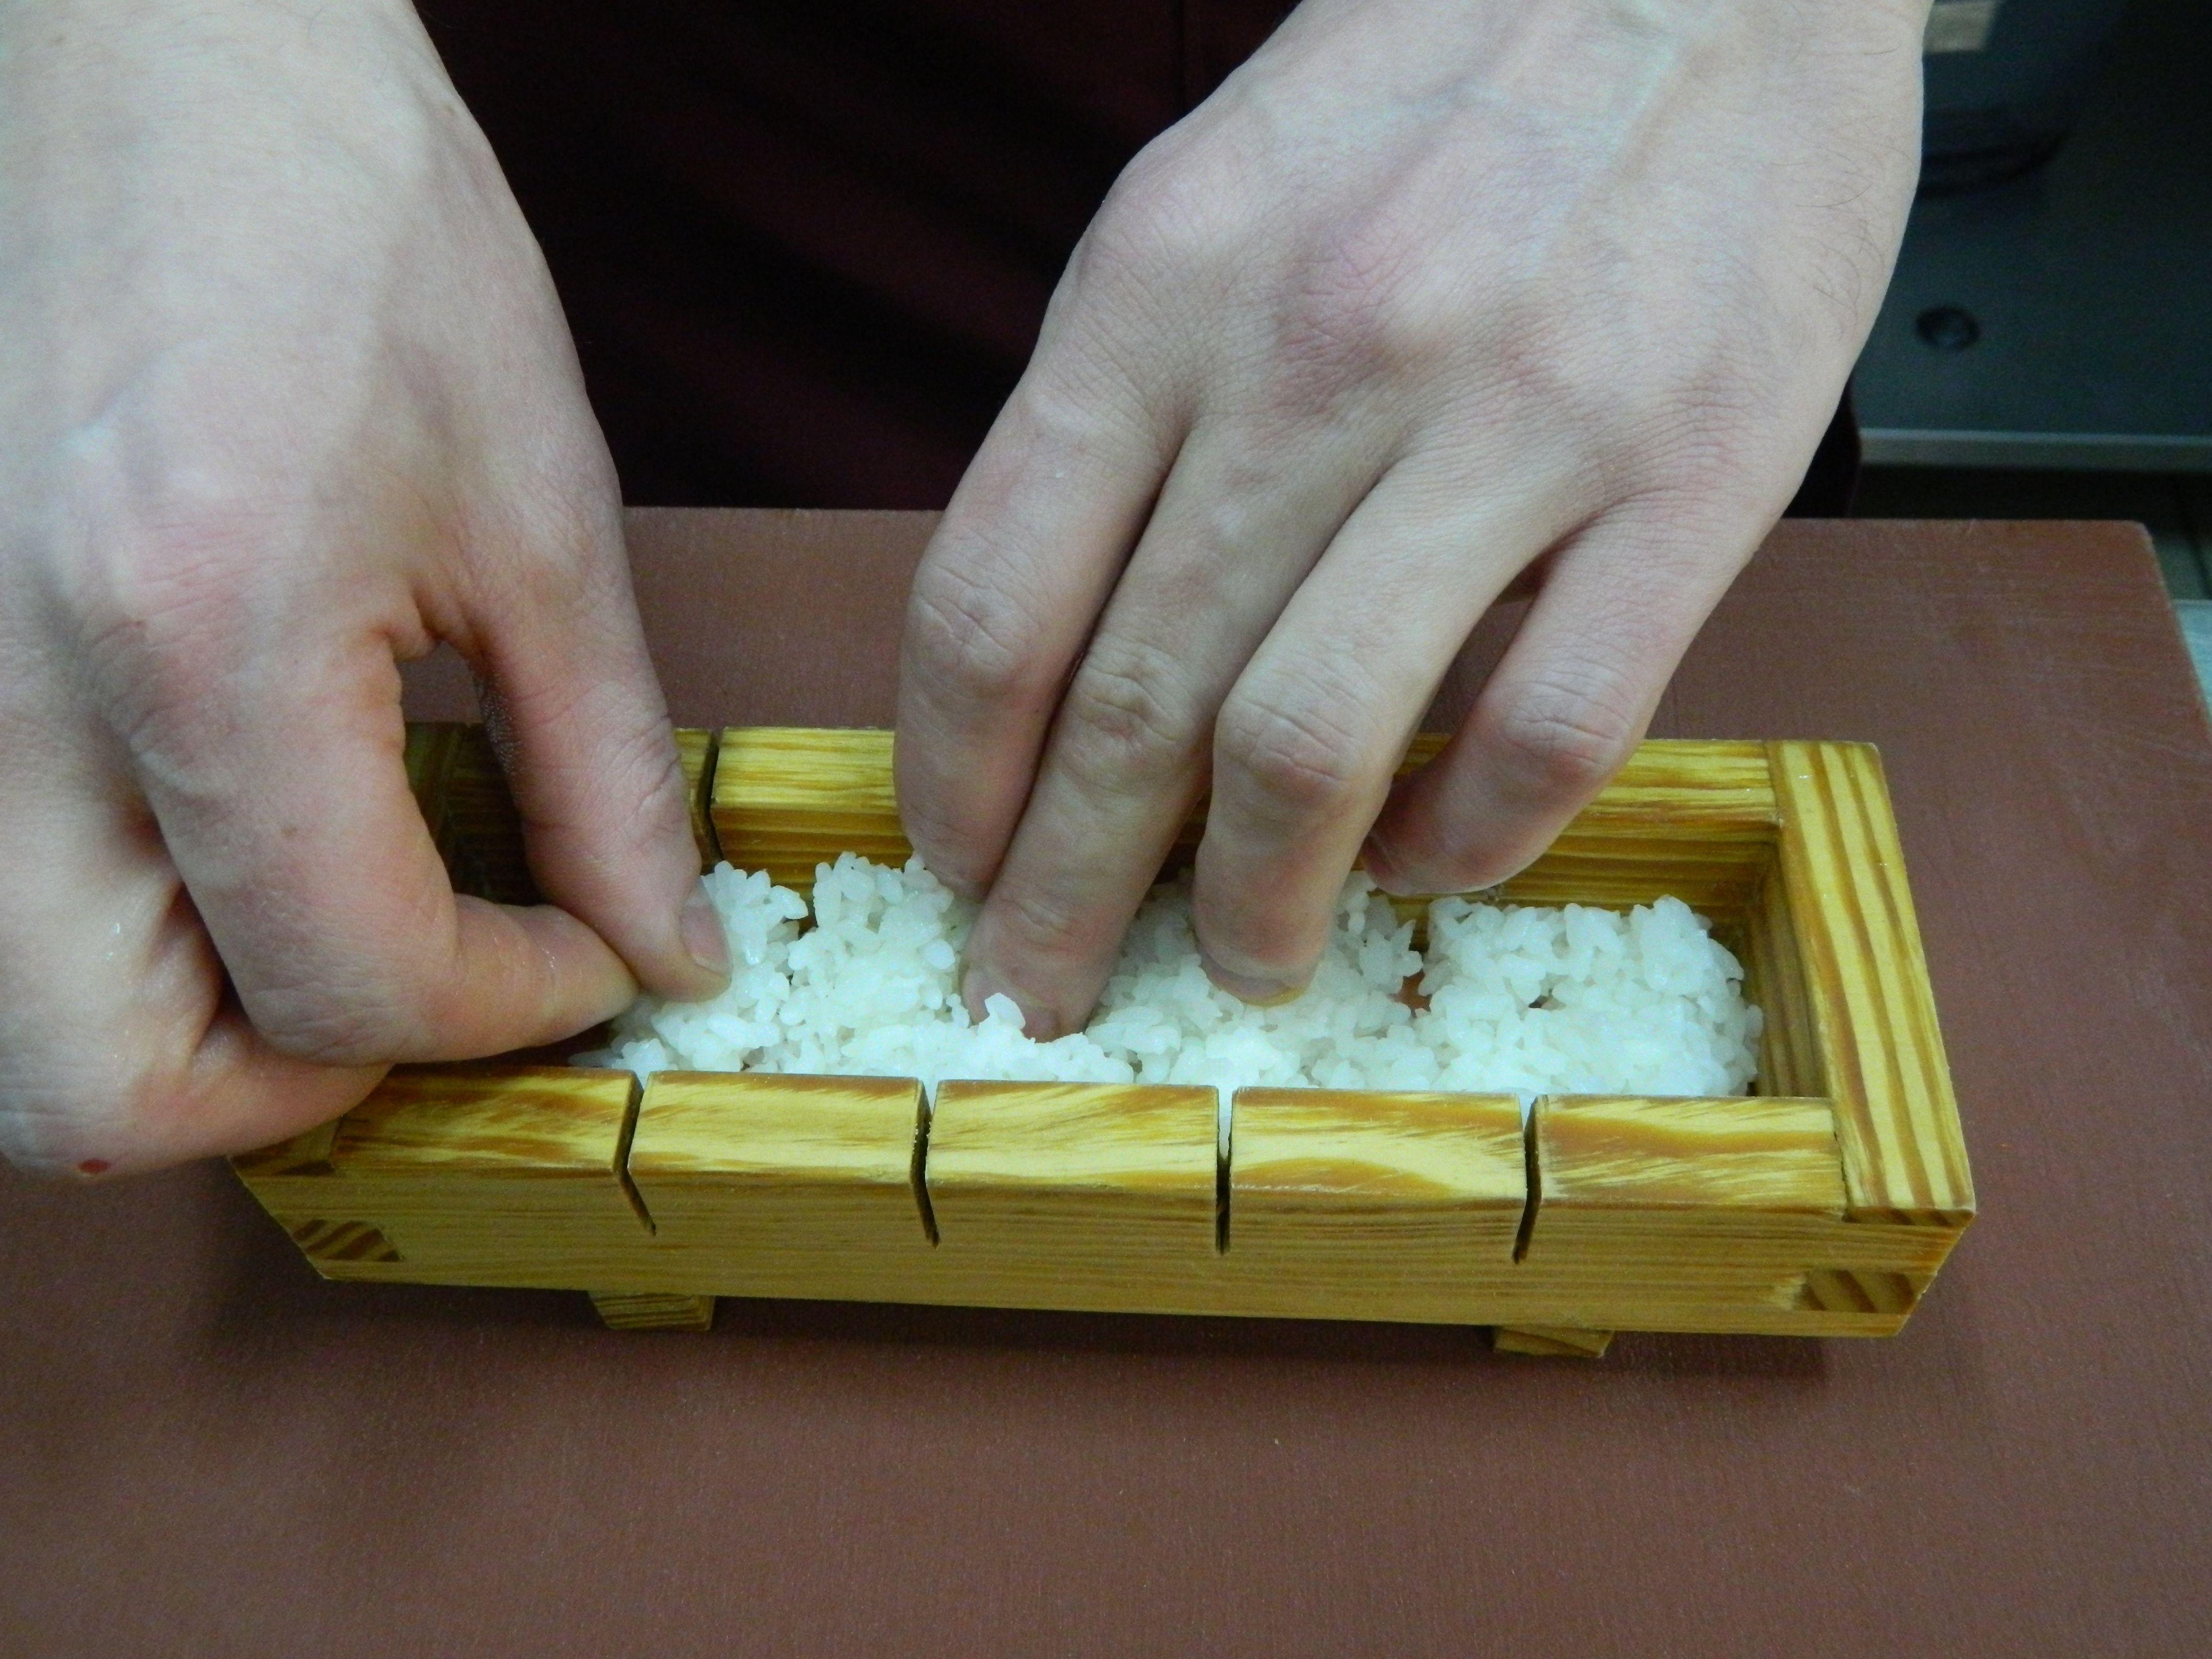 У прес покласти соєвий папір, на нього — половину вареного рису, втрамбувати